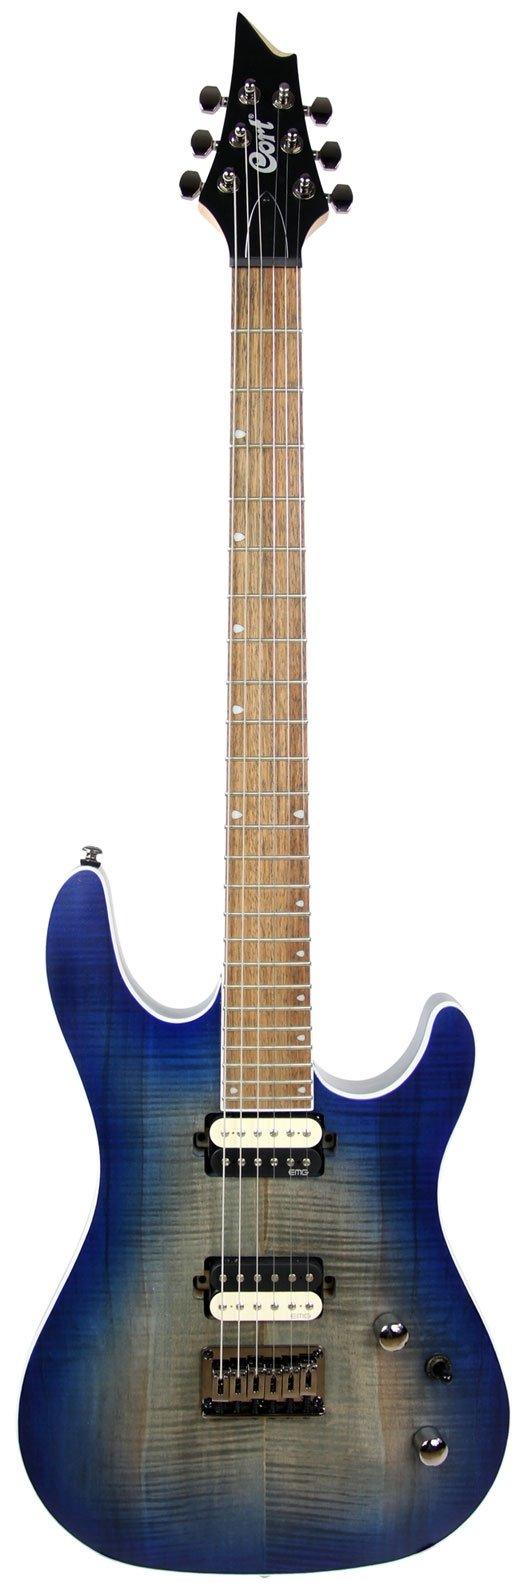 Guitarra Cort KX300 OPCB EMG Colbat Blue  - MegaLojaSP